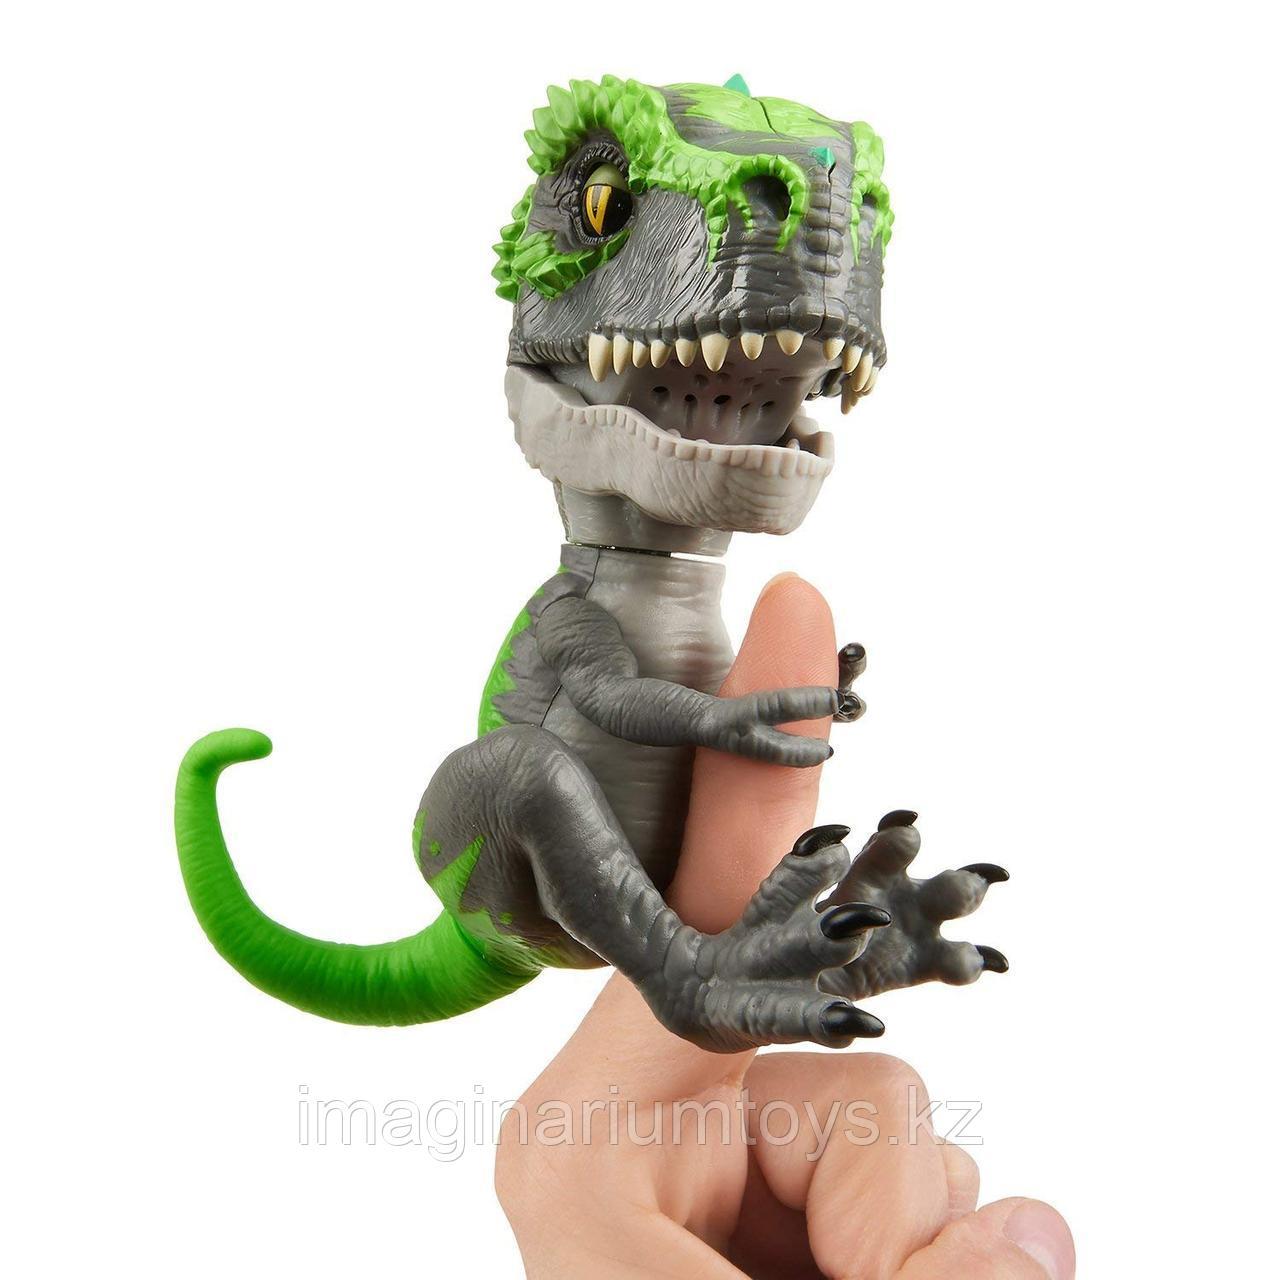 Fingerlings Динозавр Трэкер интерактивная игрушка